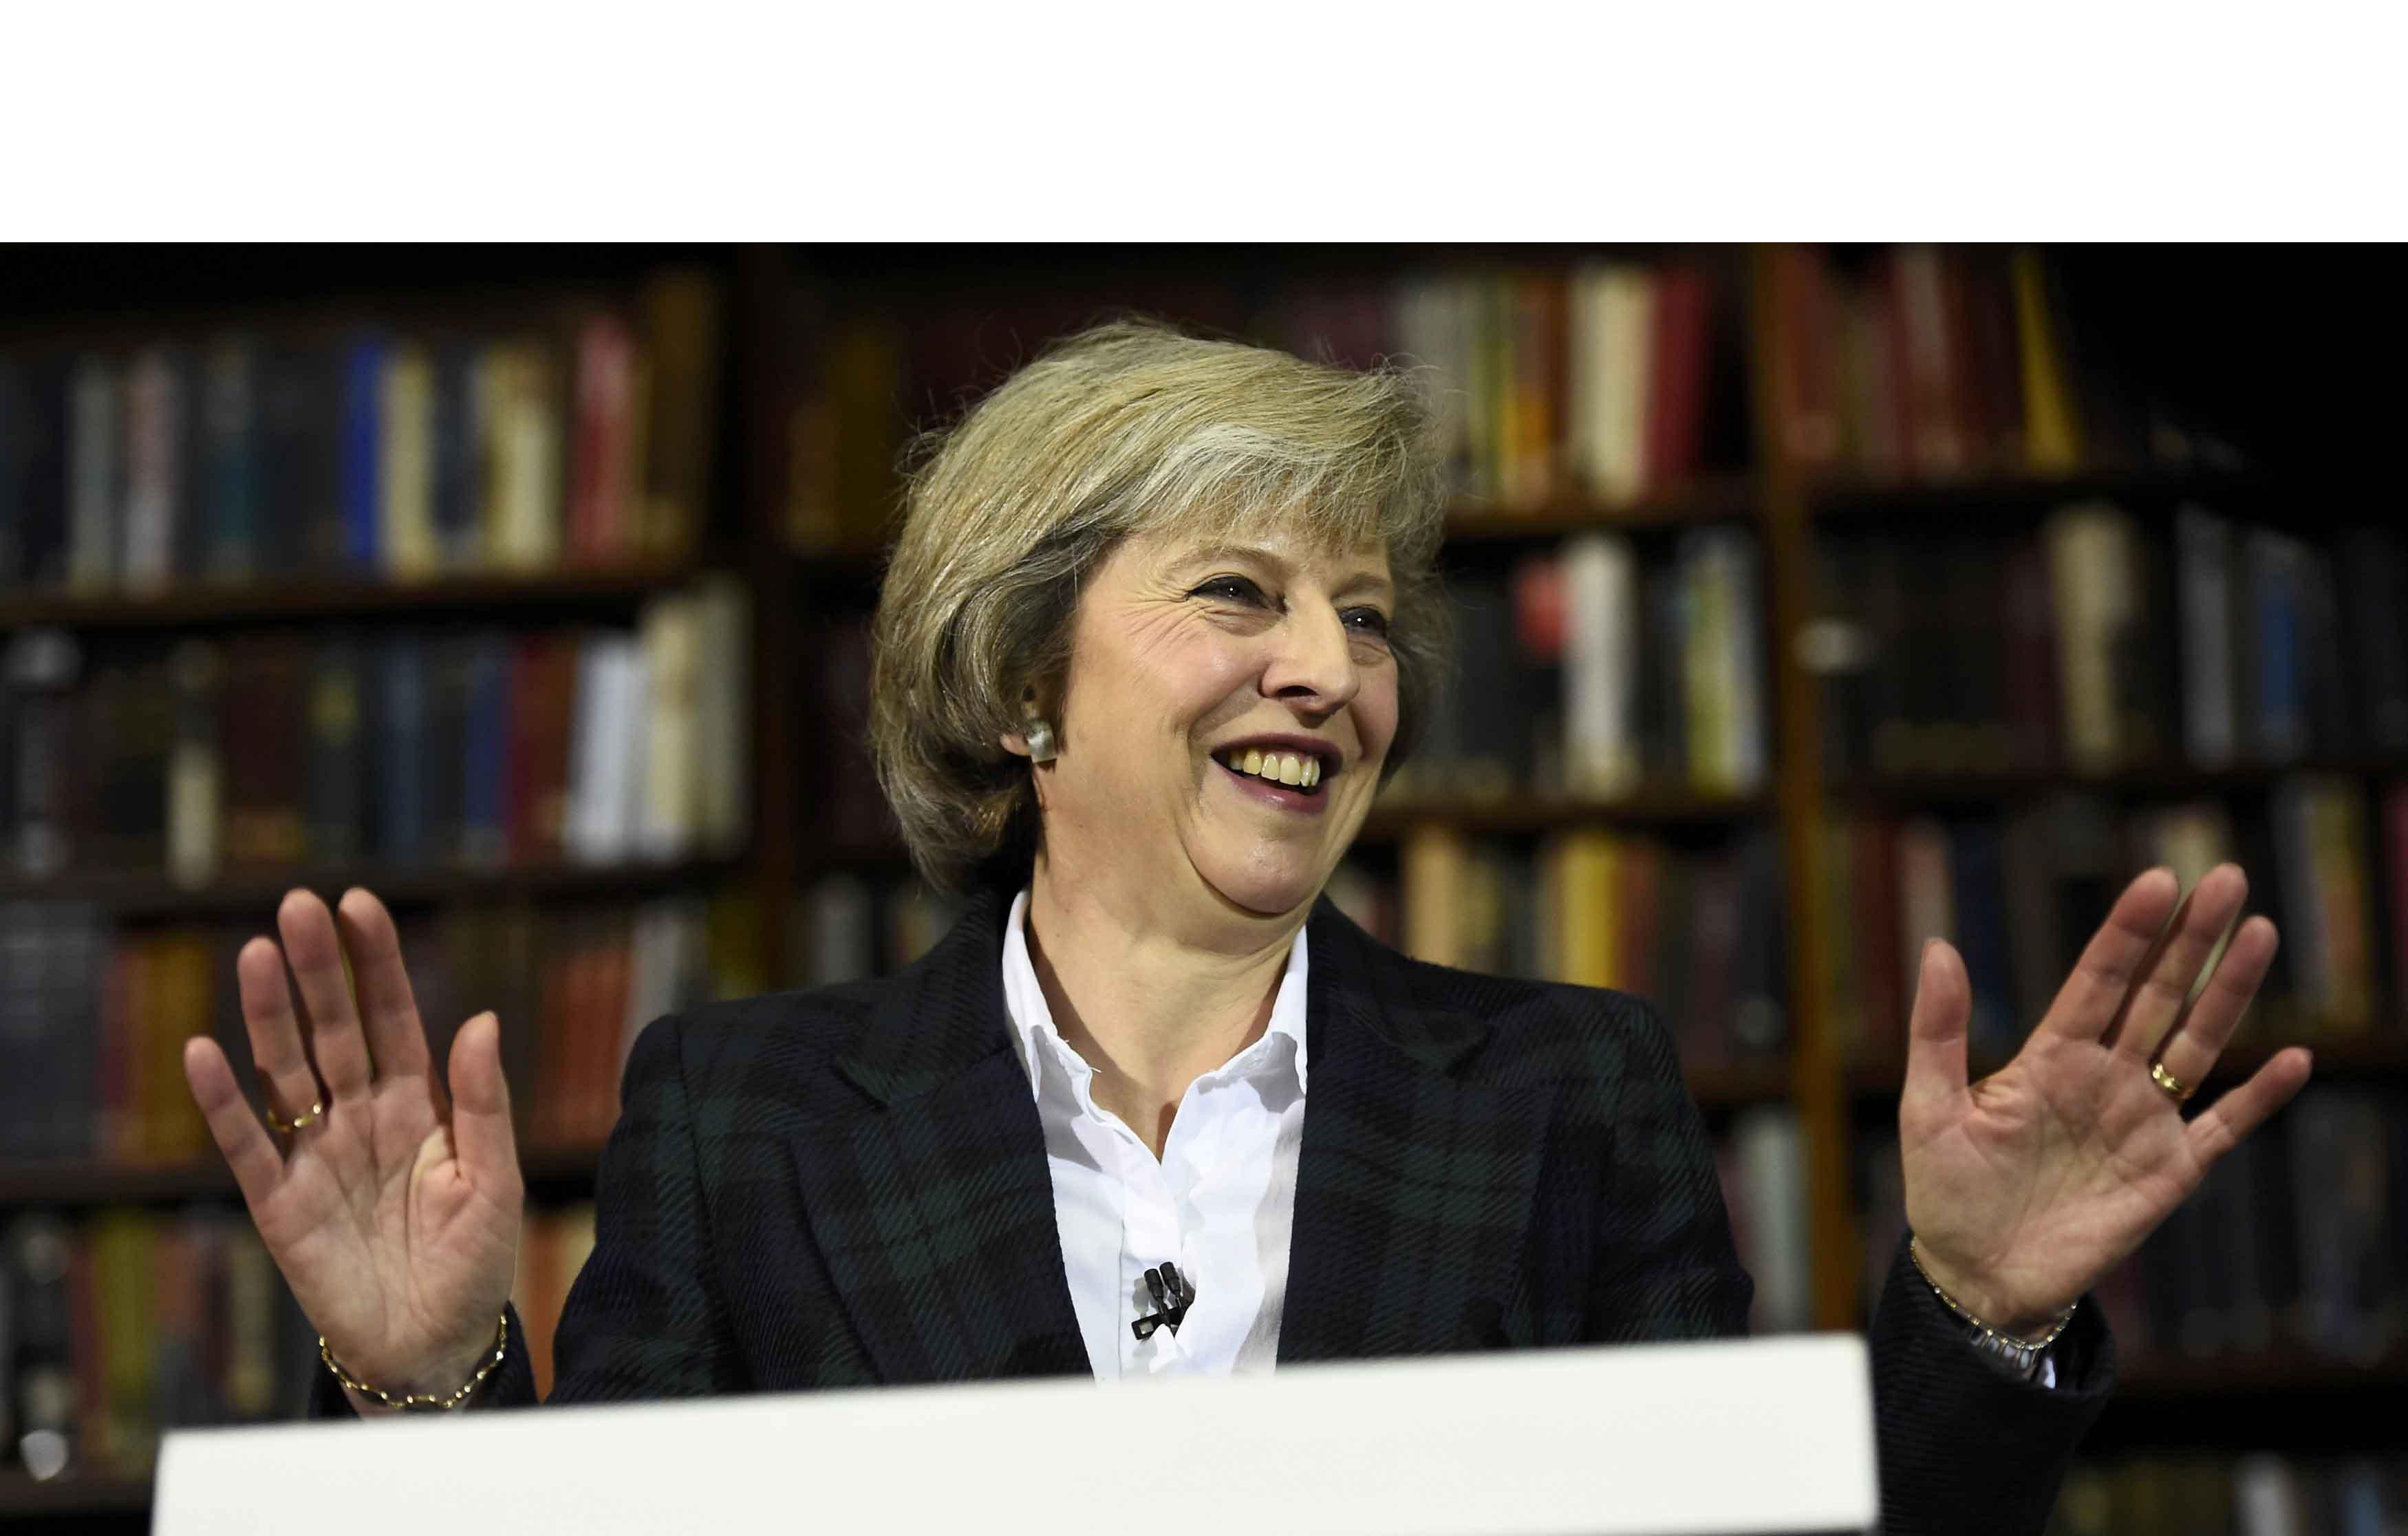 El Reino Unido no podrá declarar formalmente su intención de irse del bloque comunitario hasta el año entrante